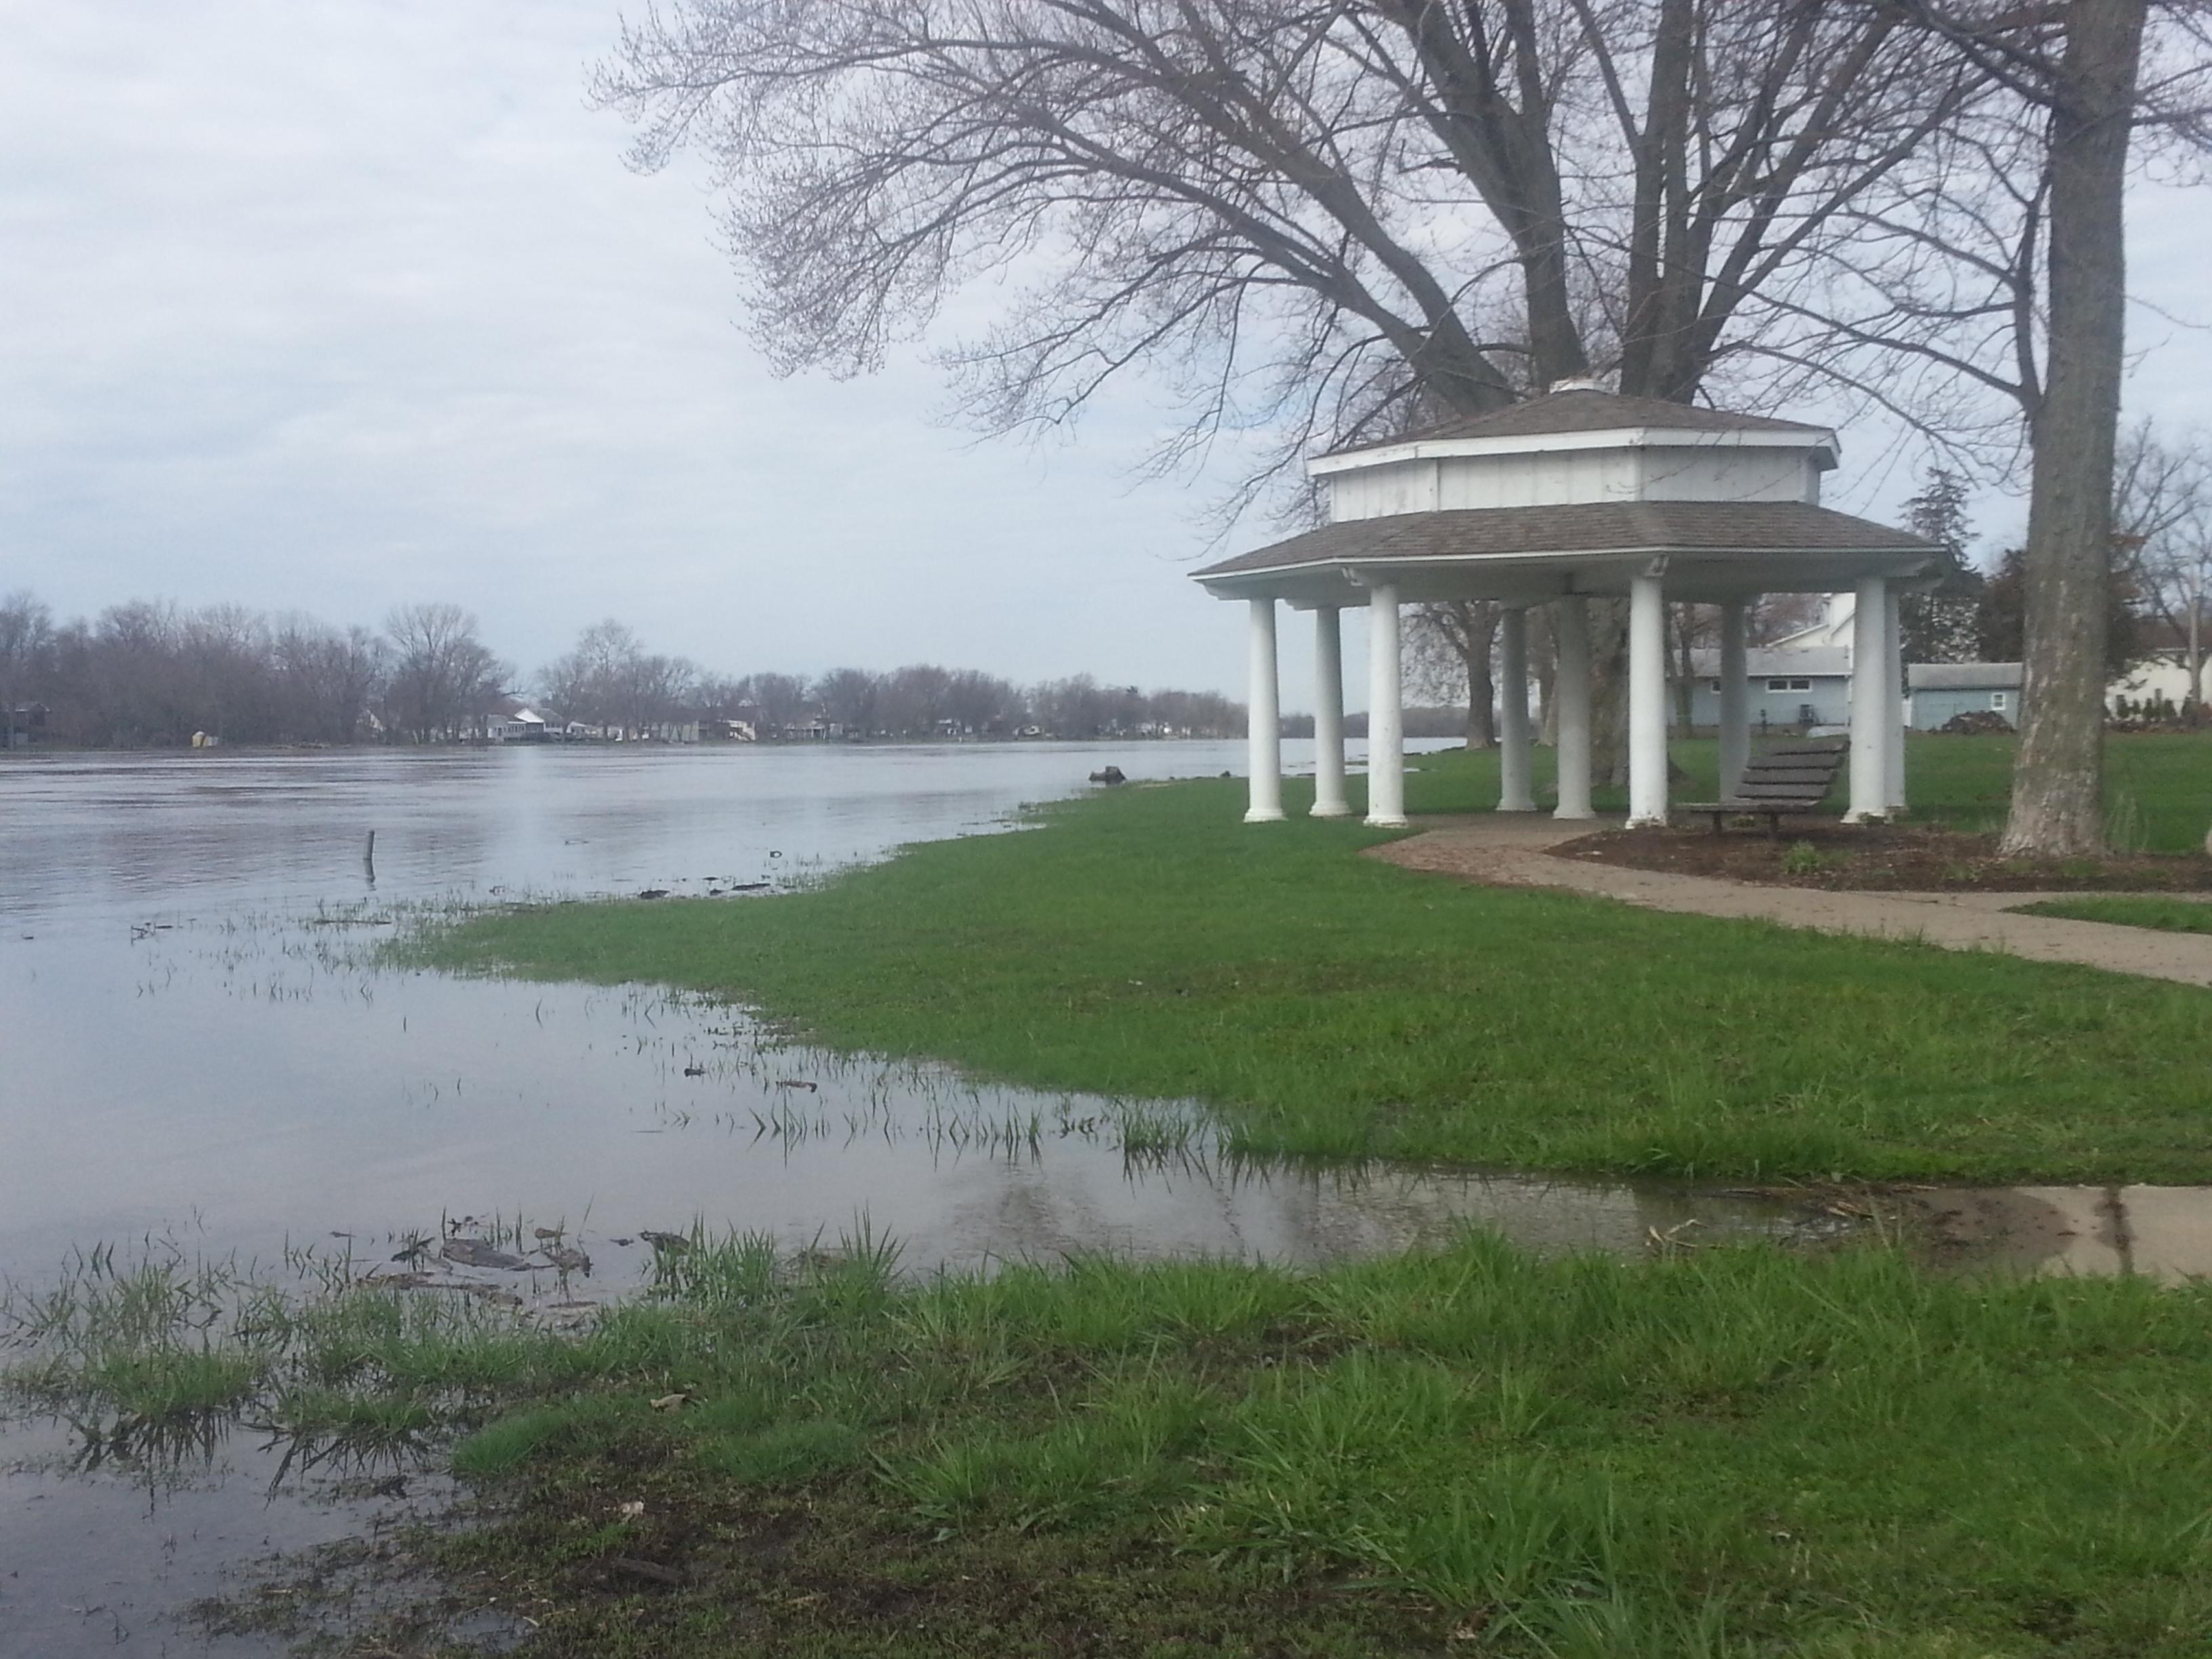 Rock River Flooding - Gazebo at Harold's Landing